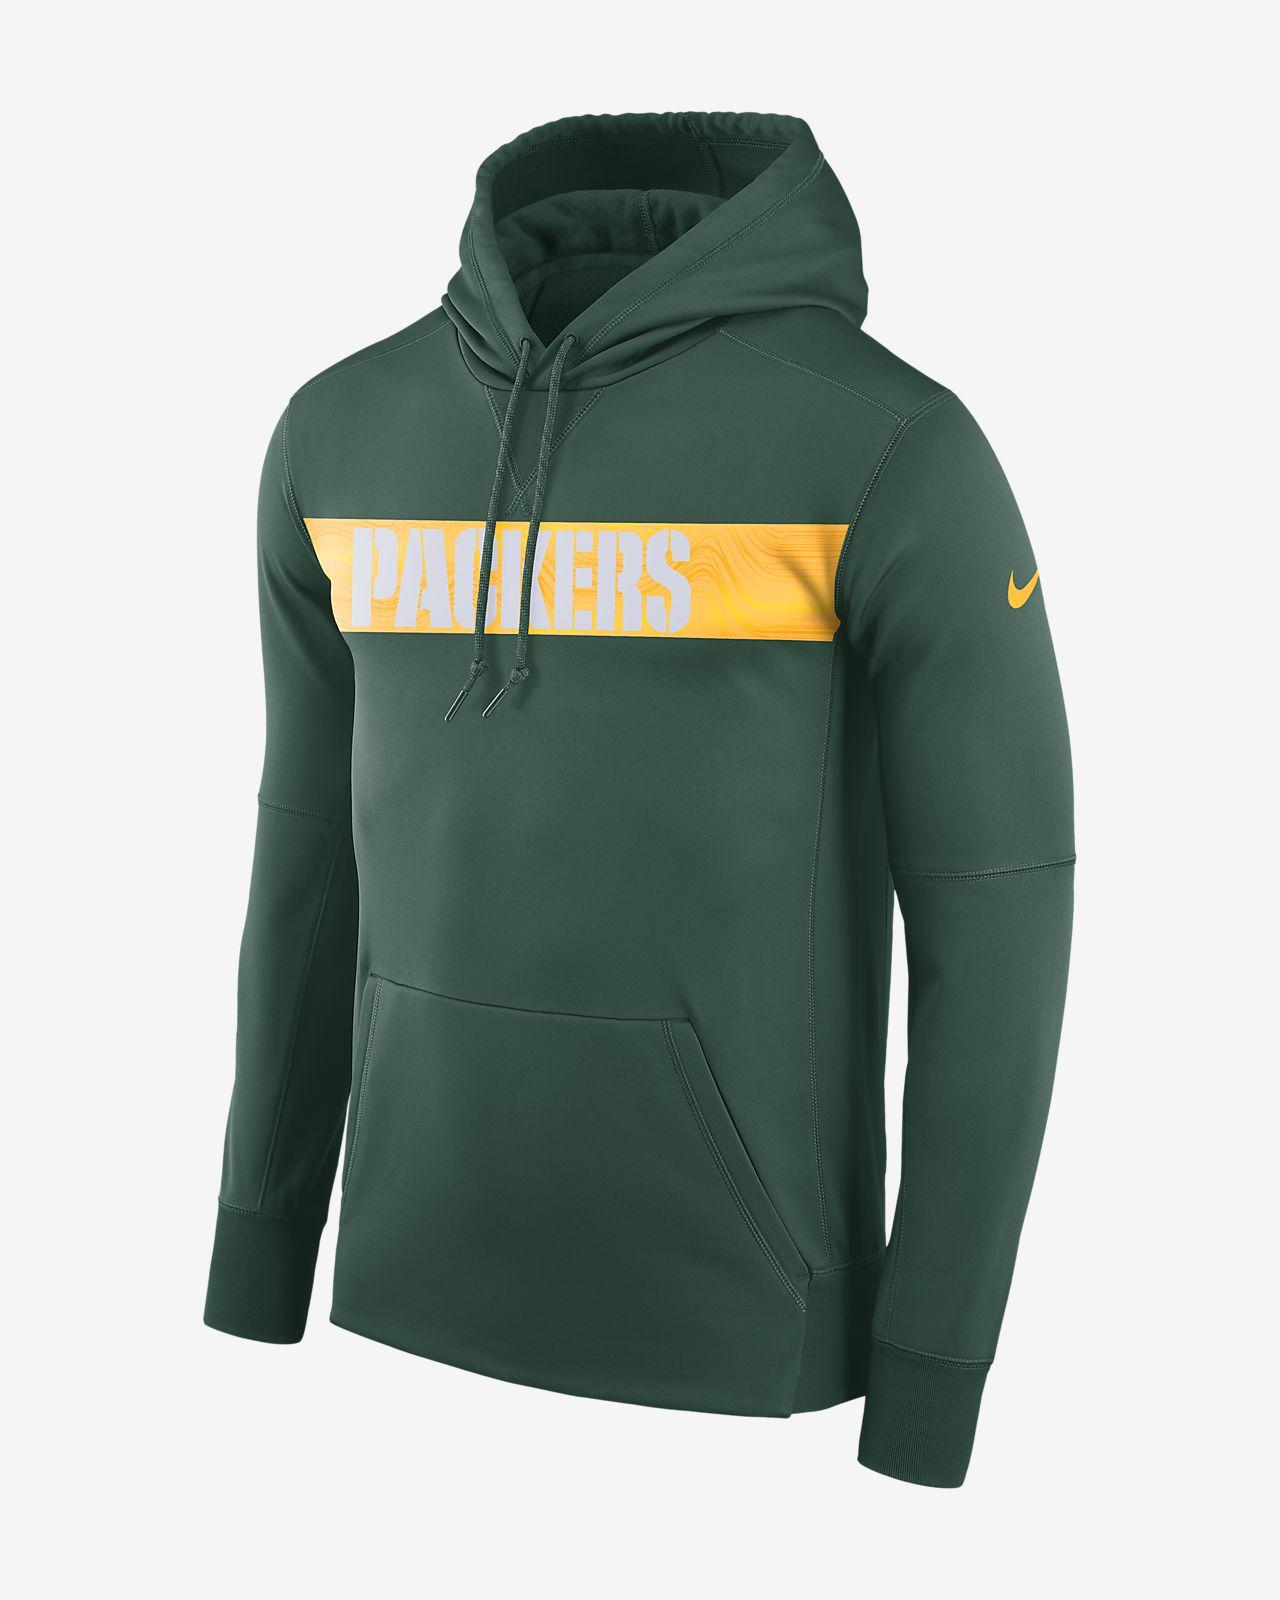 Ανδρική μπλούζα με κουκούλα Nike Dri-FIT Therma (NFL Packers)